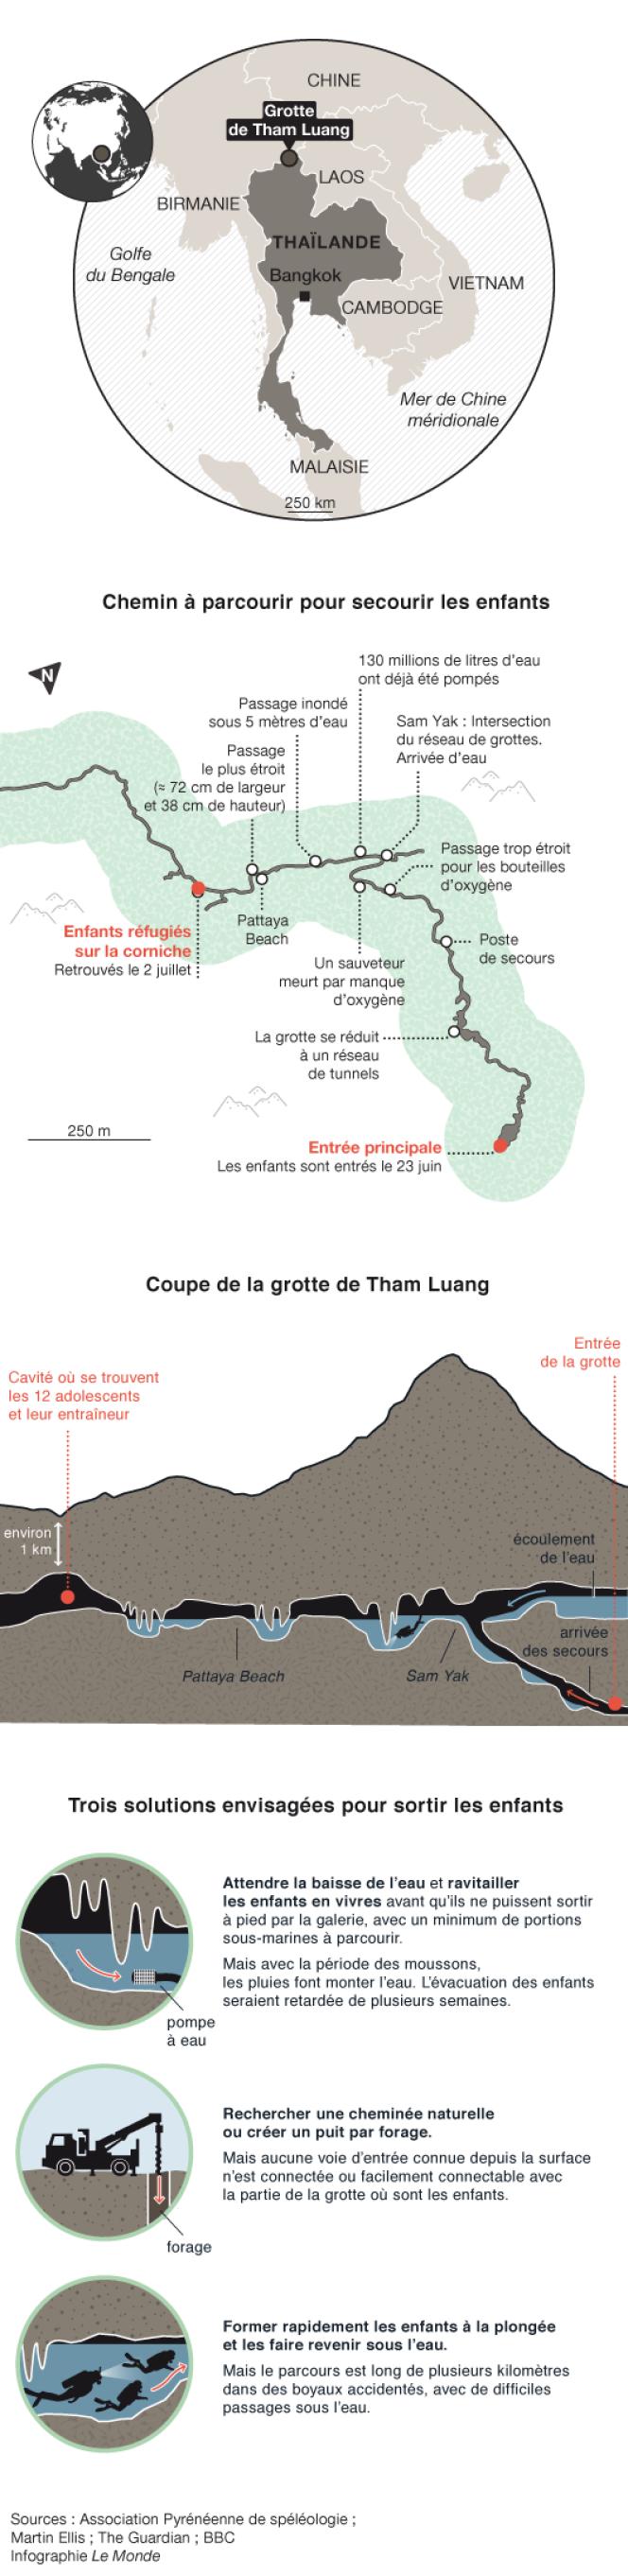 Infographie sur les jeunes footballeurs coincés dans une grotte en Thaïlande.